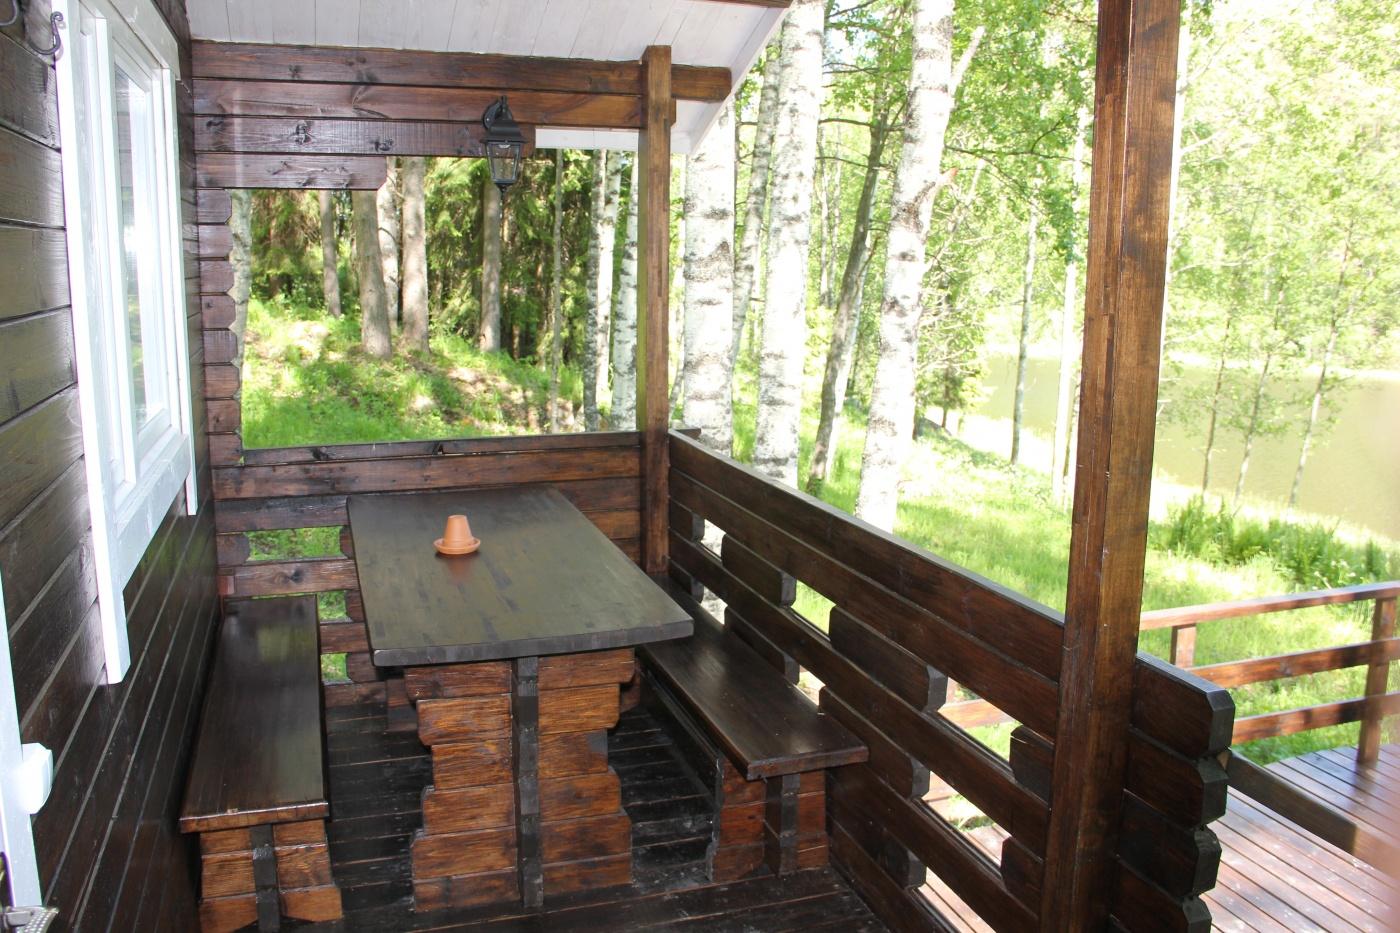 База отдыха «Хутор Салокюля» Республика Карелия Коттедж с камином, террасой и видом на озеро , фото 2